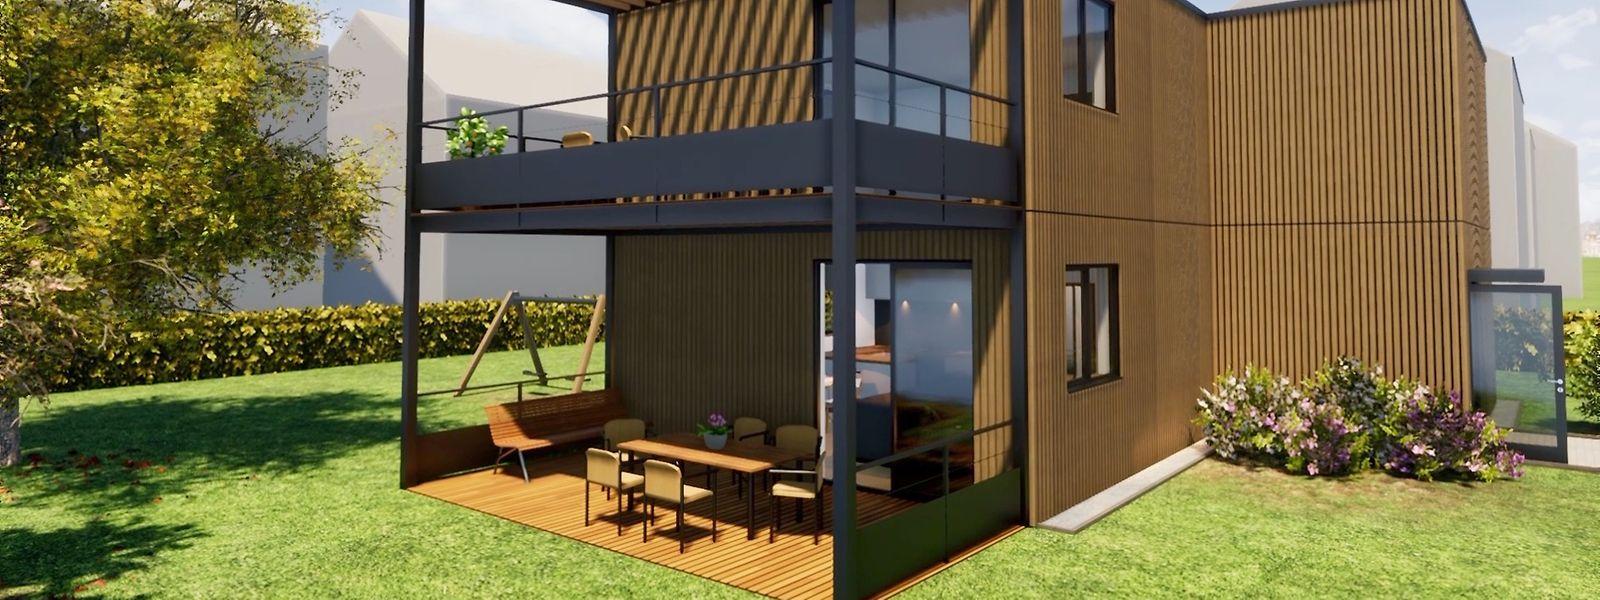 Evoqué depuis 2017, le projet de solution modulaire amovible défendu par l'agence immobilière sociale devrait se concrétiser d'ici la fin de l'année, sur un terrain appartenant à la commune de Schifflange.